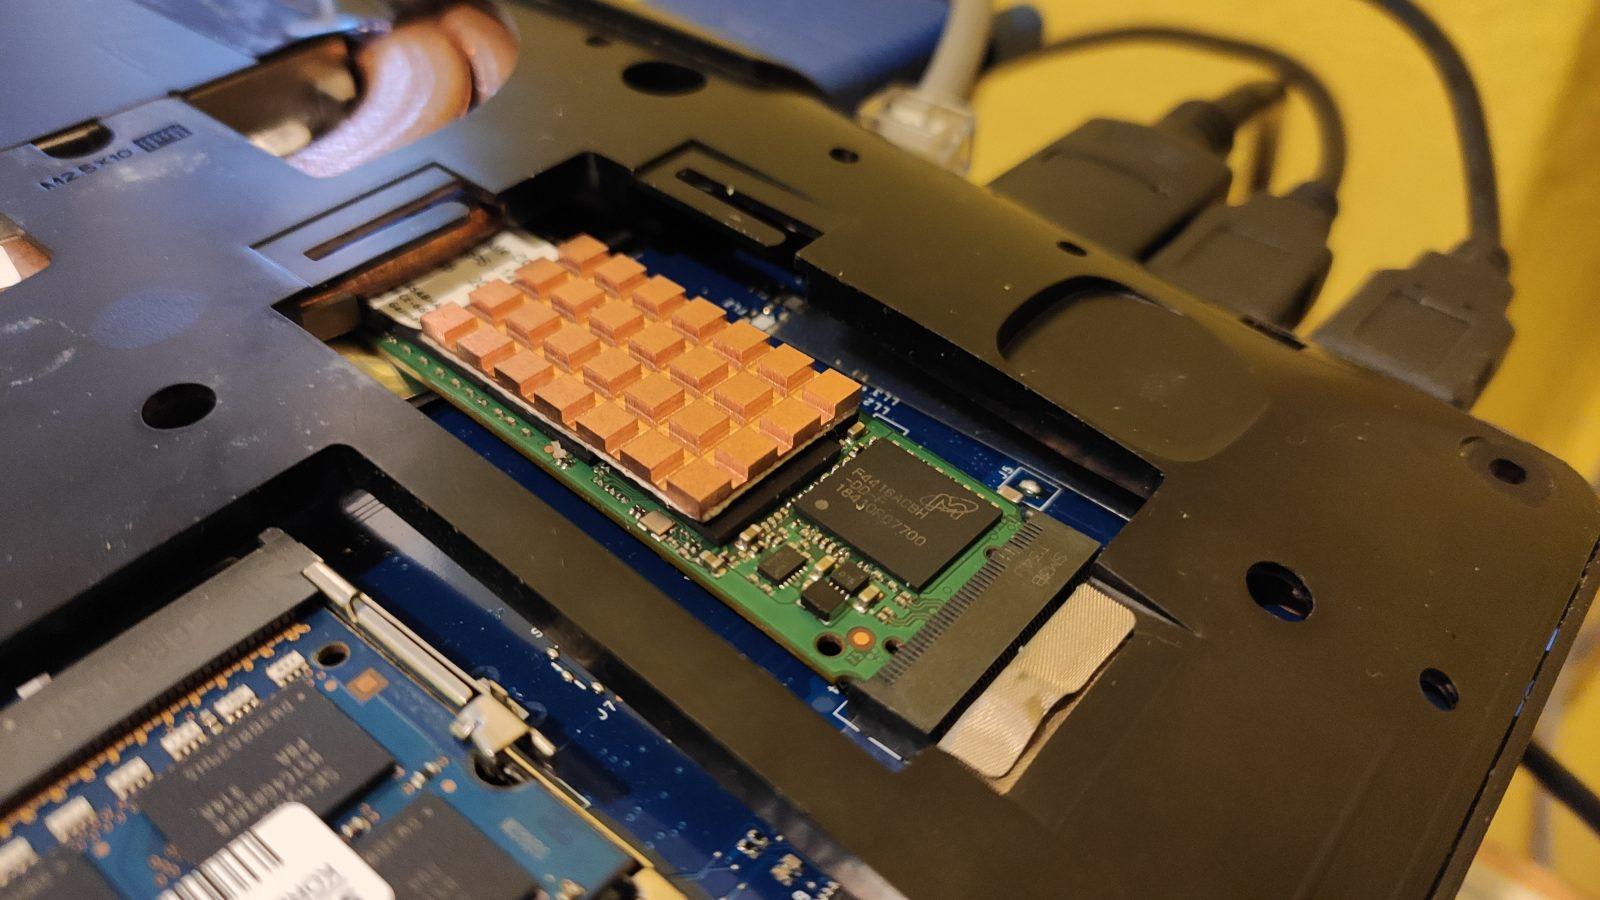 SSD heatsink